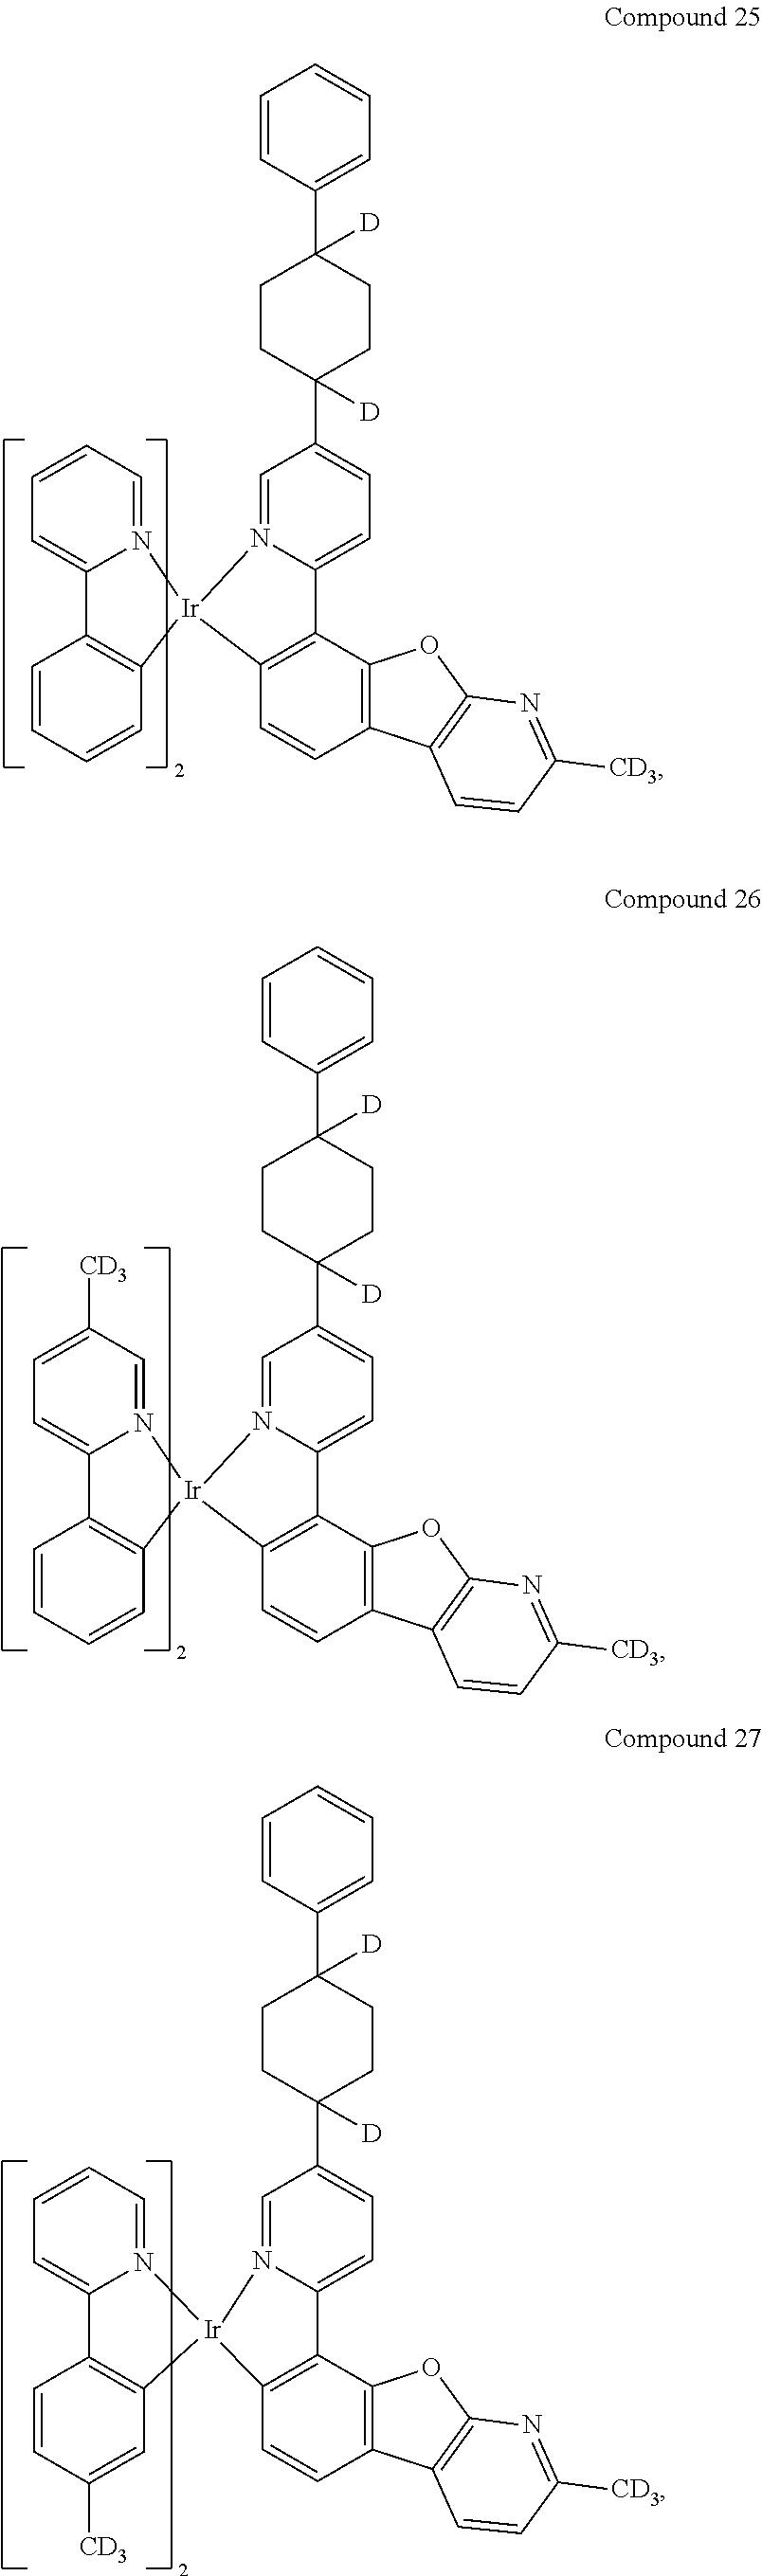 Figure US20180076393A1-20180315-C00029